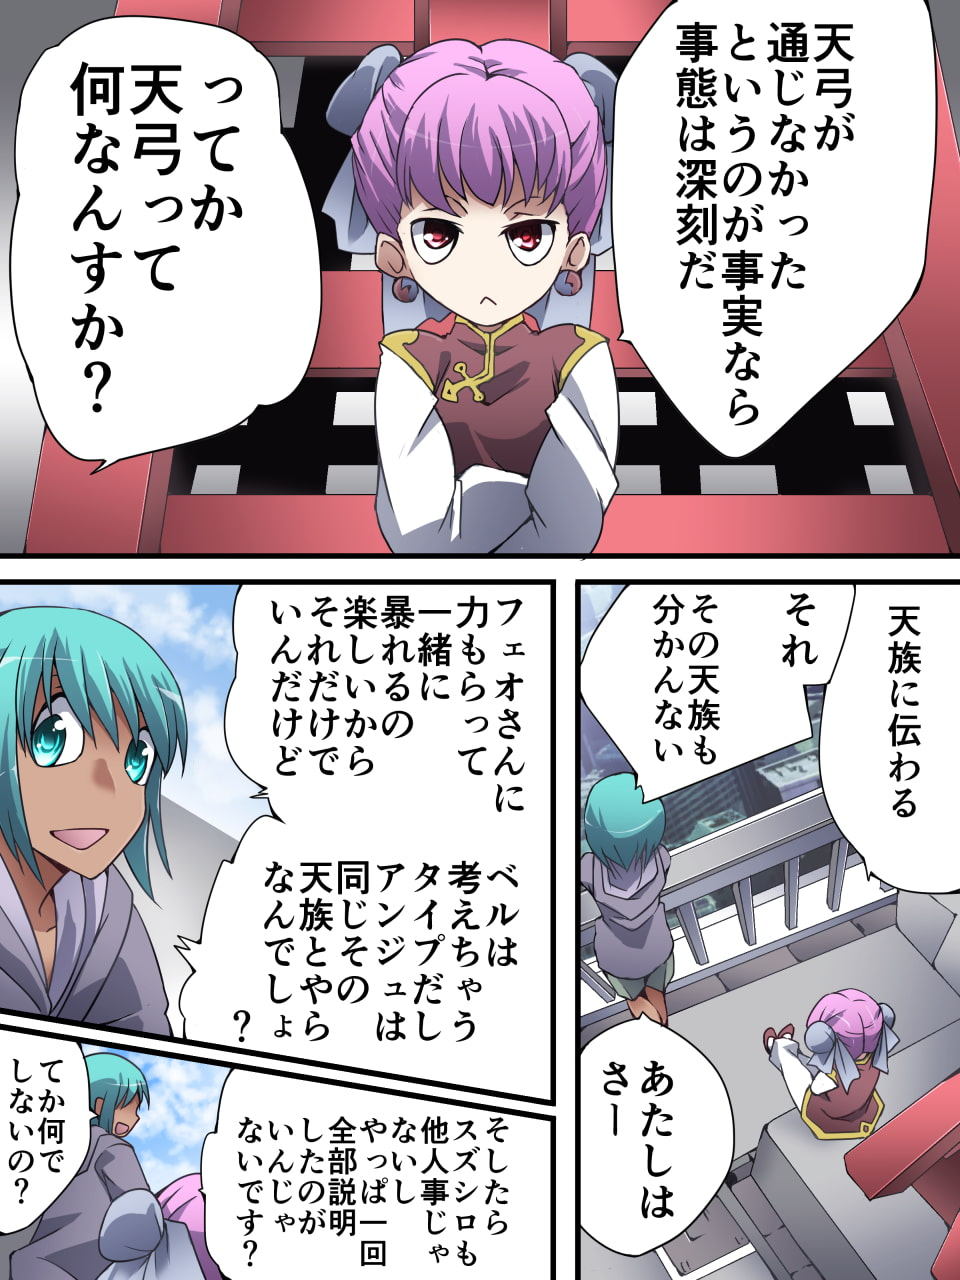 スーパーヒロイン誘拐陵辱 ANOTHER TRY 01 ~スズナ&スズシロ~